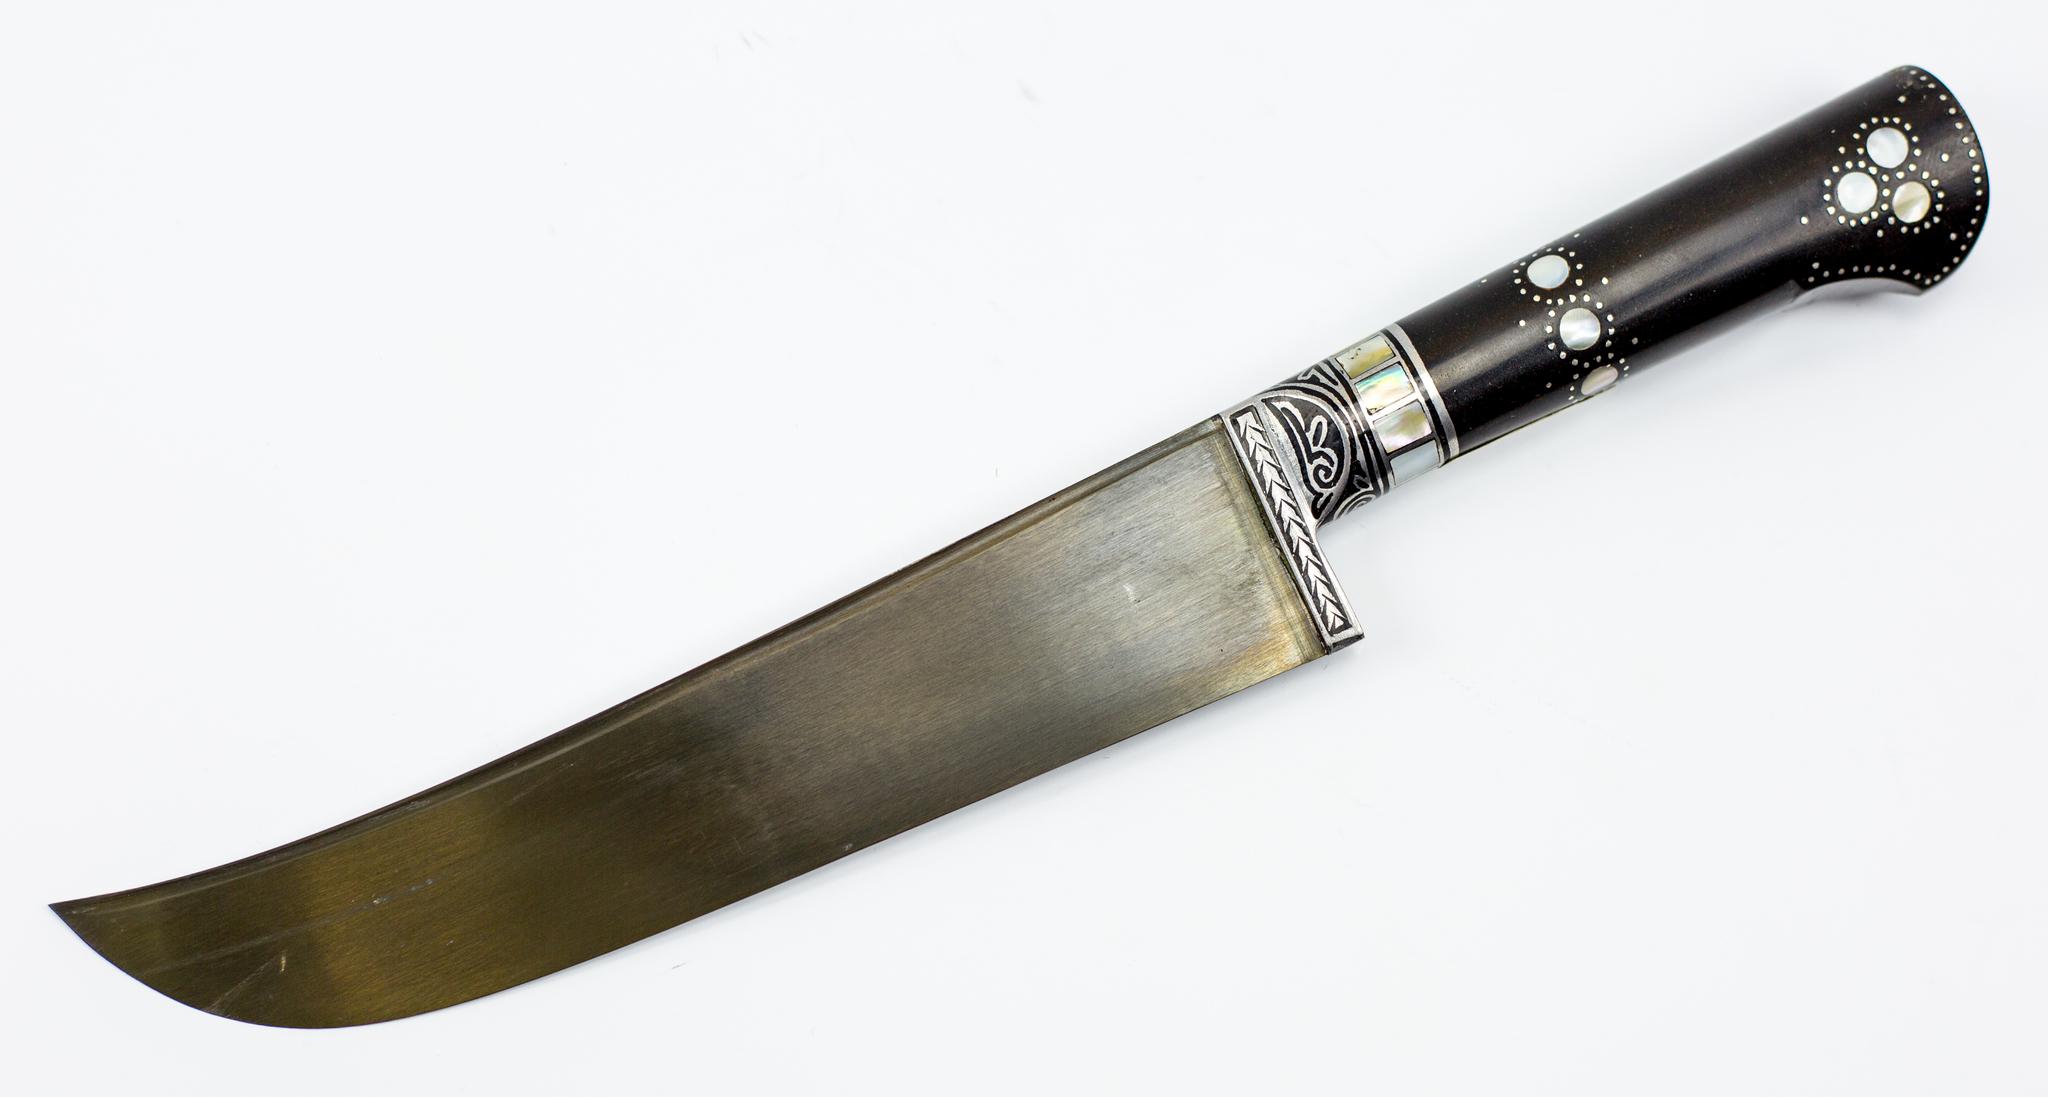 Пчак Термез, ручка эбонит с перламутромУзбекские ножи Пчак<br>Длина клинка: 16-18 смОбщая длина: 27-30 смТолщина клинка у основания: 2,0-4,0 ммМарка стали: ШХ15Рукоять: эбонитВ комплекте чехол<br>